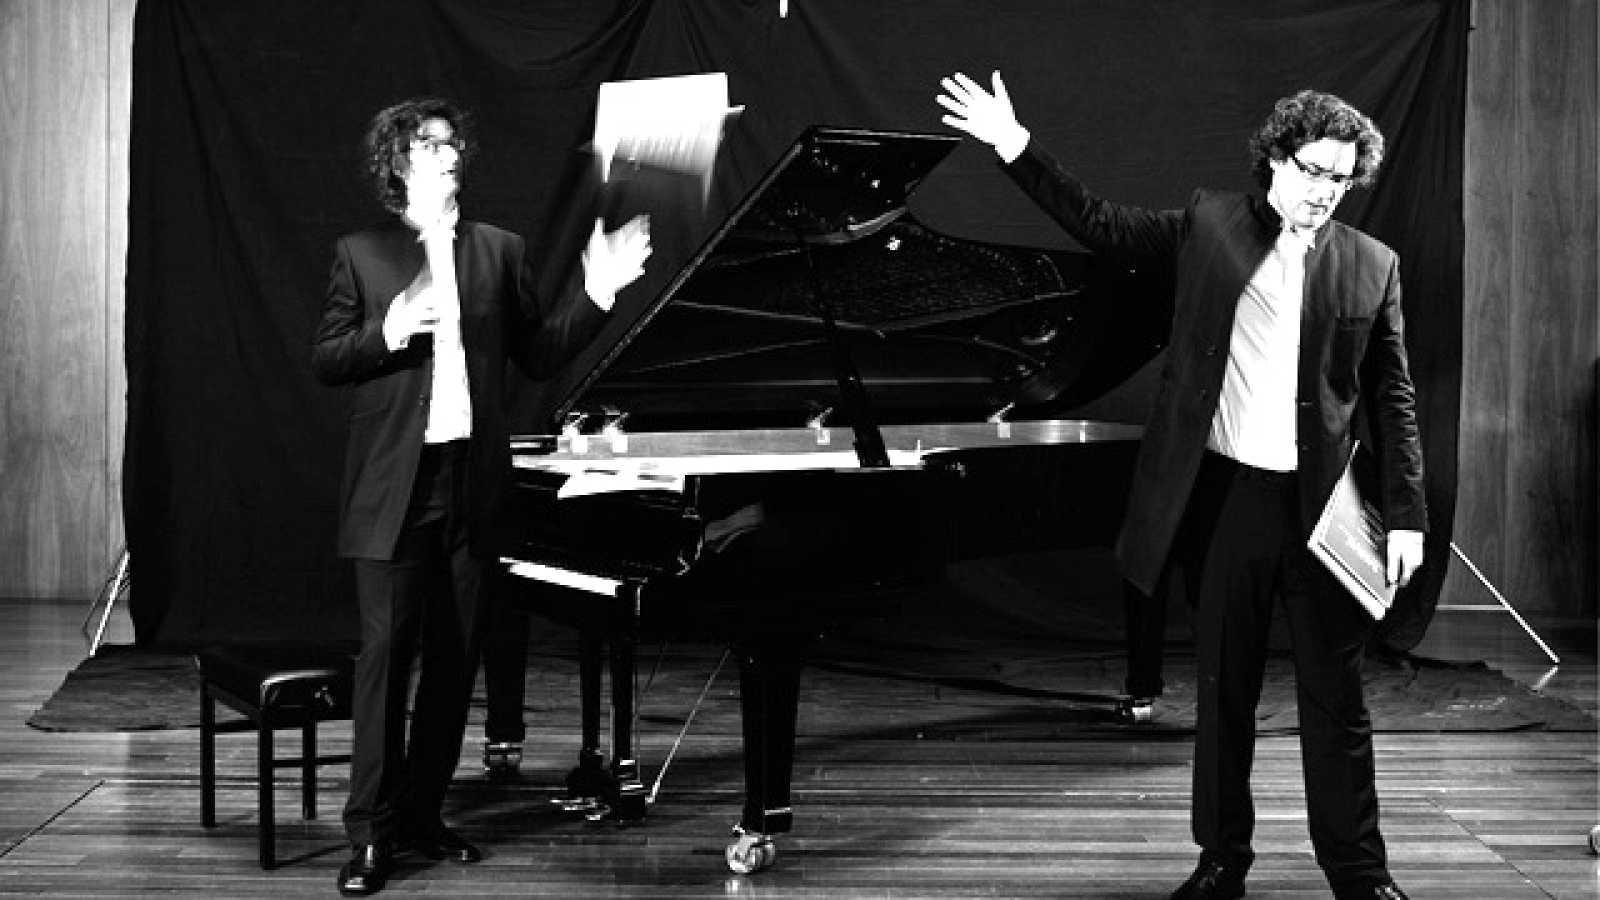 Artesfera - 'Impulse', dúo de pianos de los hermanos del Valle - 22/02/16 - escuchar ahora